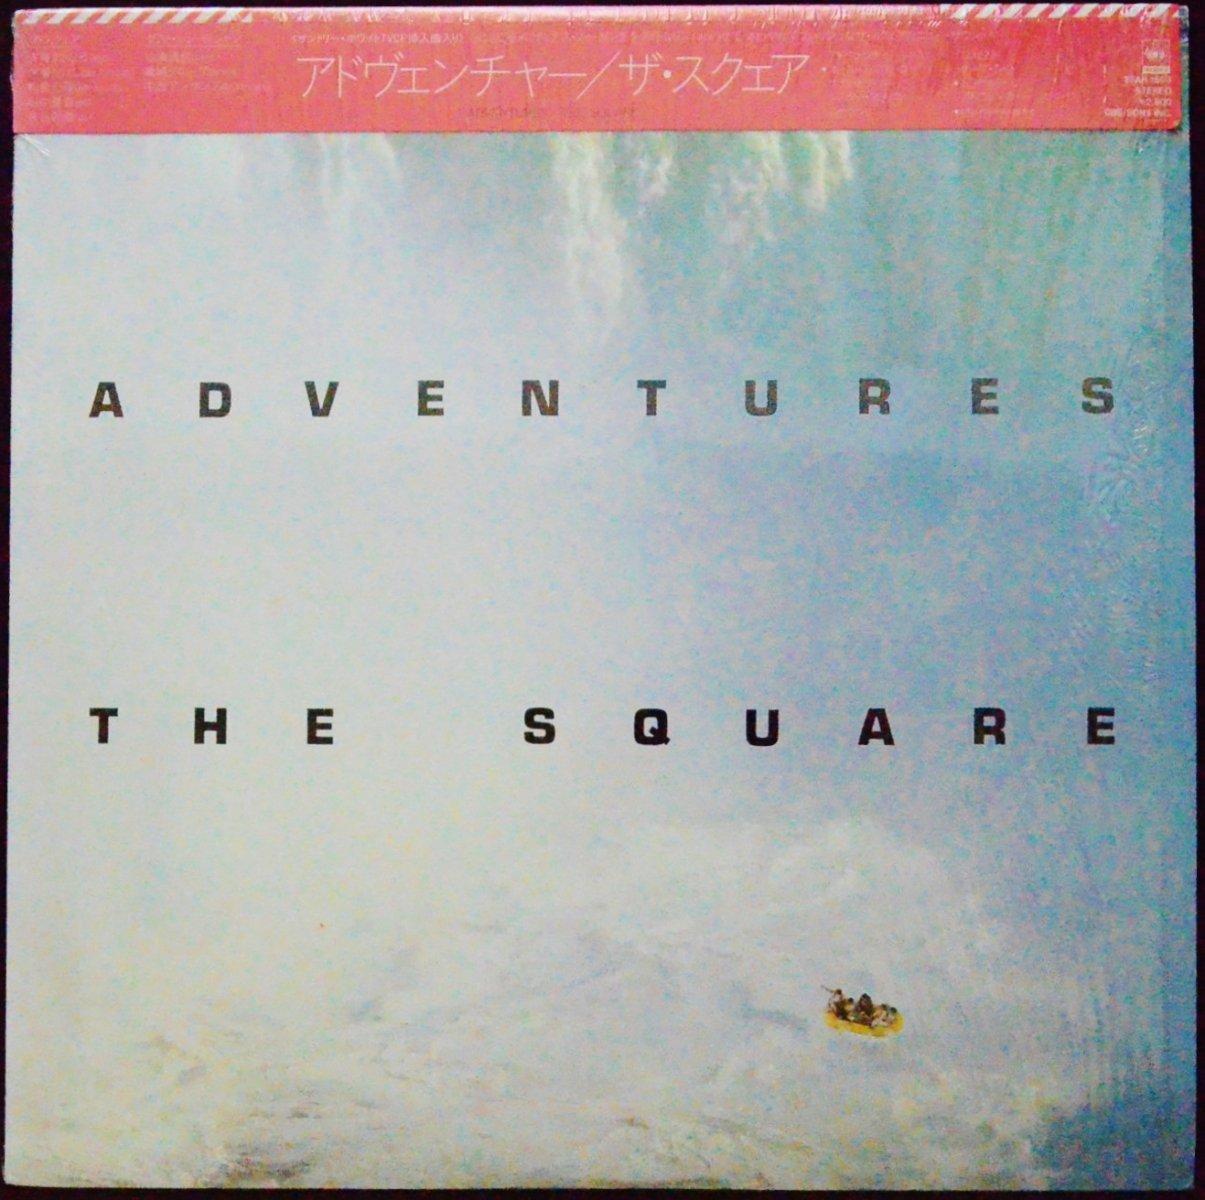 ザ・スクェア THE SQUARE / アドヴェンチャー ADVENTURES (LP)